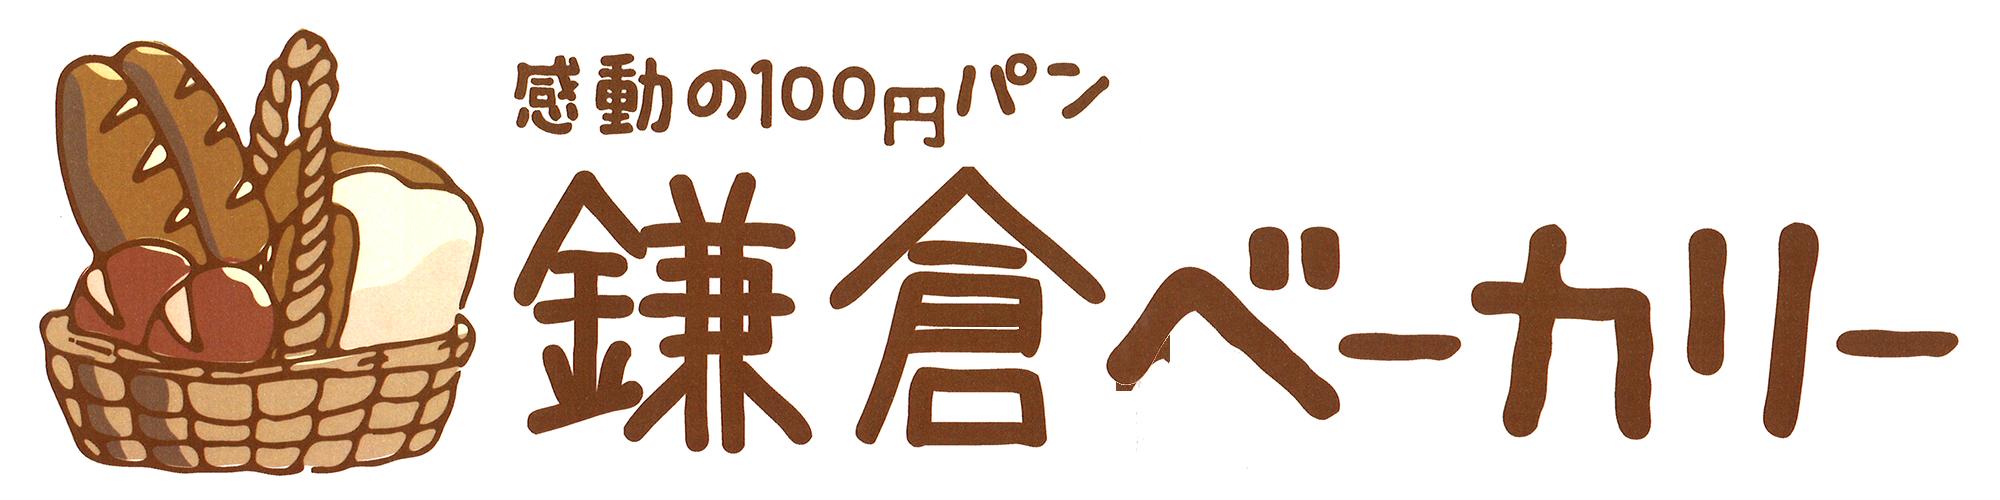 鎌倉ベーカリー相模大野店